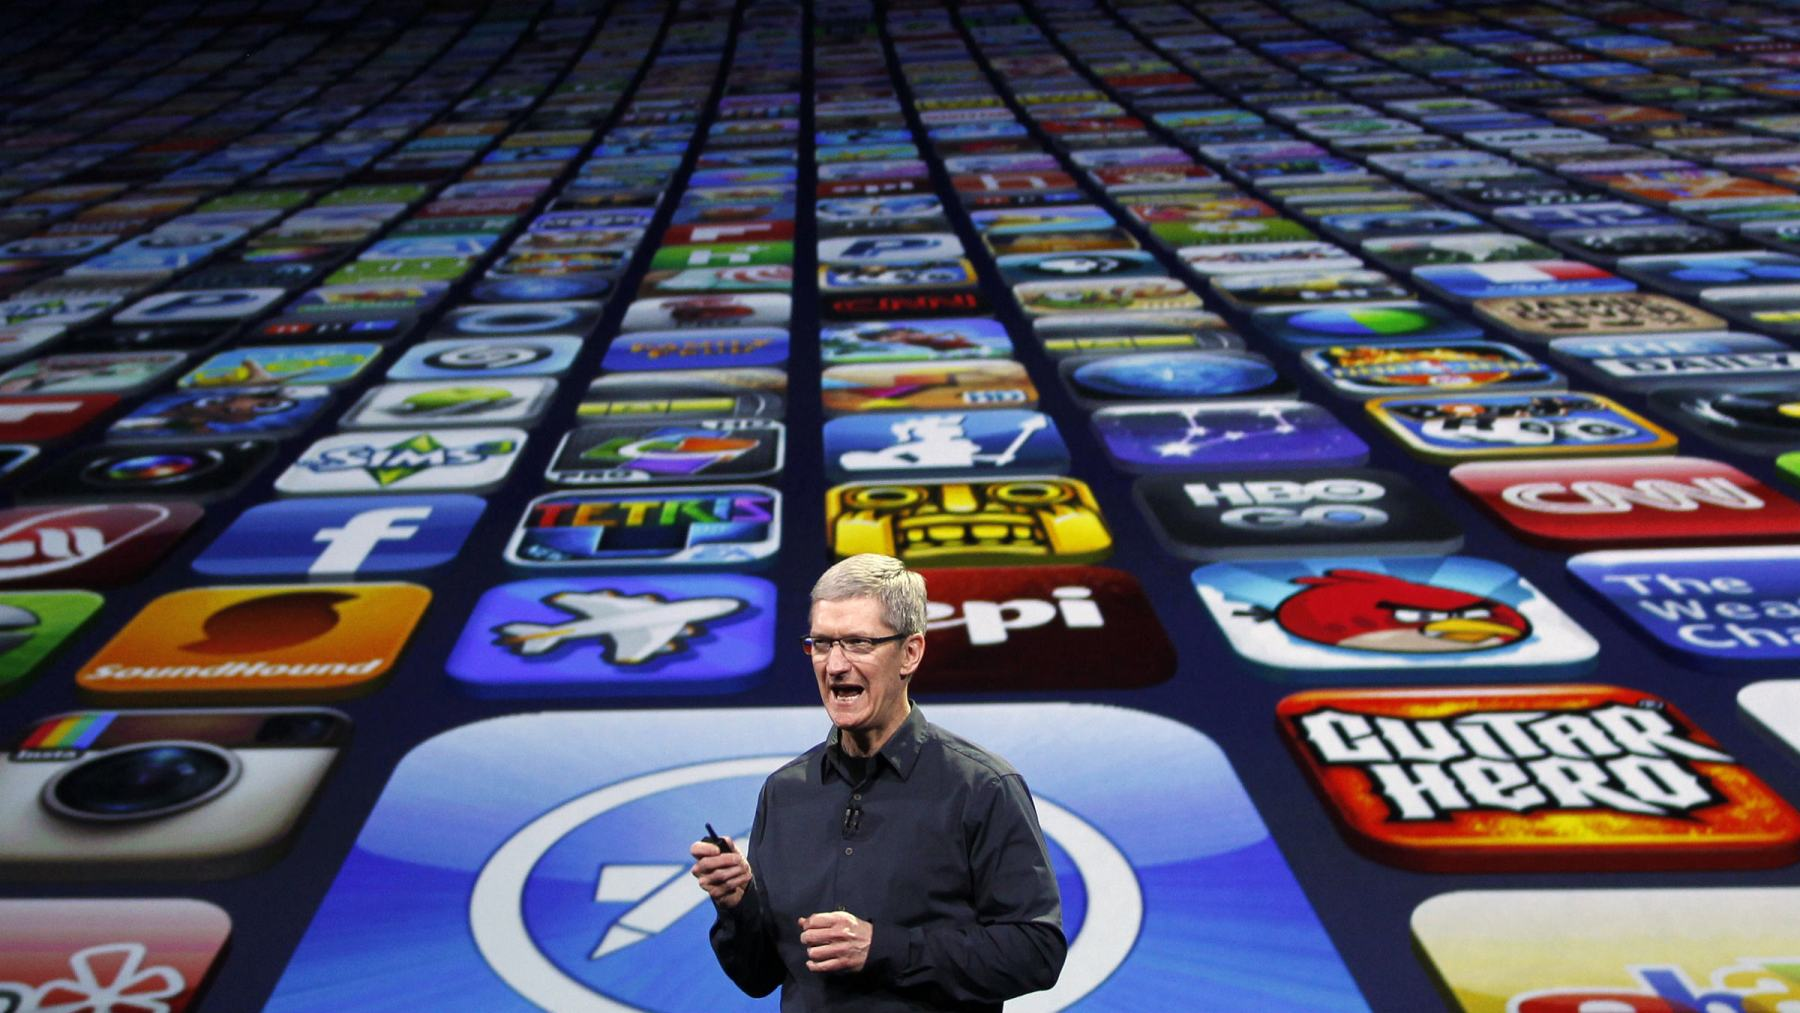 «Особый подход»: Закрытые собрания, которыми Apple трансформирует бизнес приложений